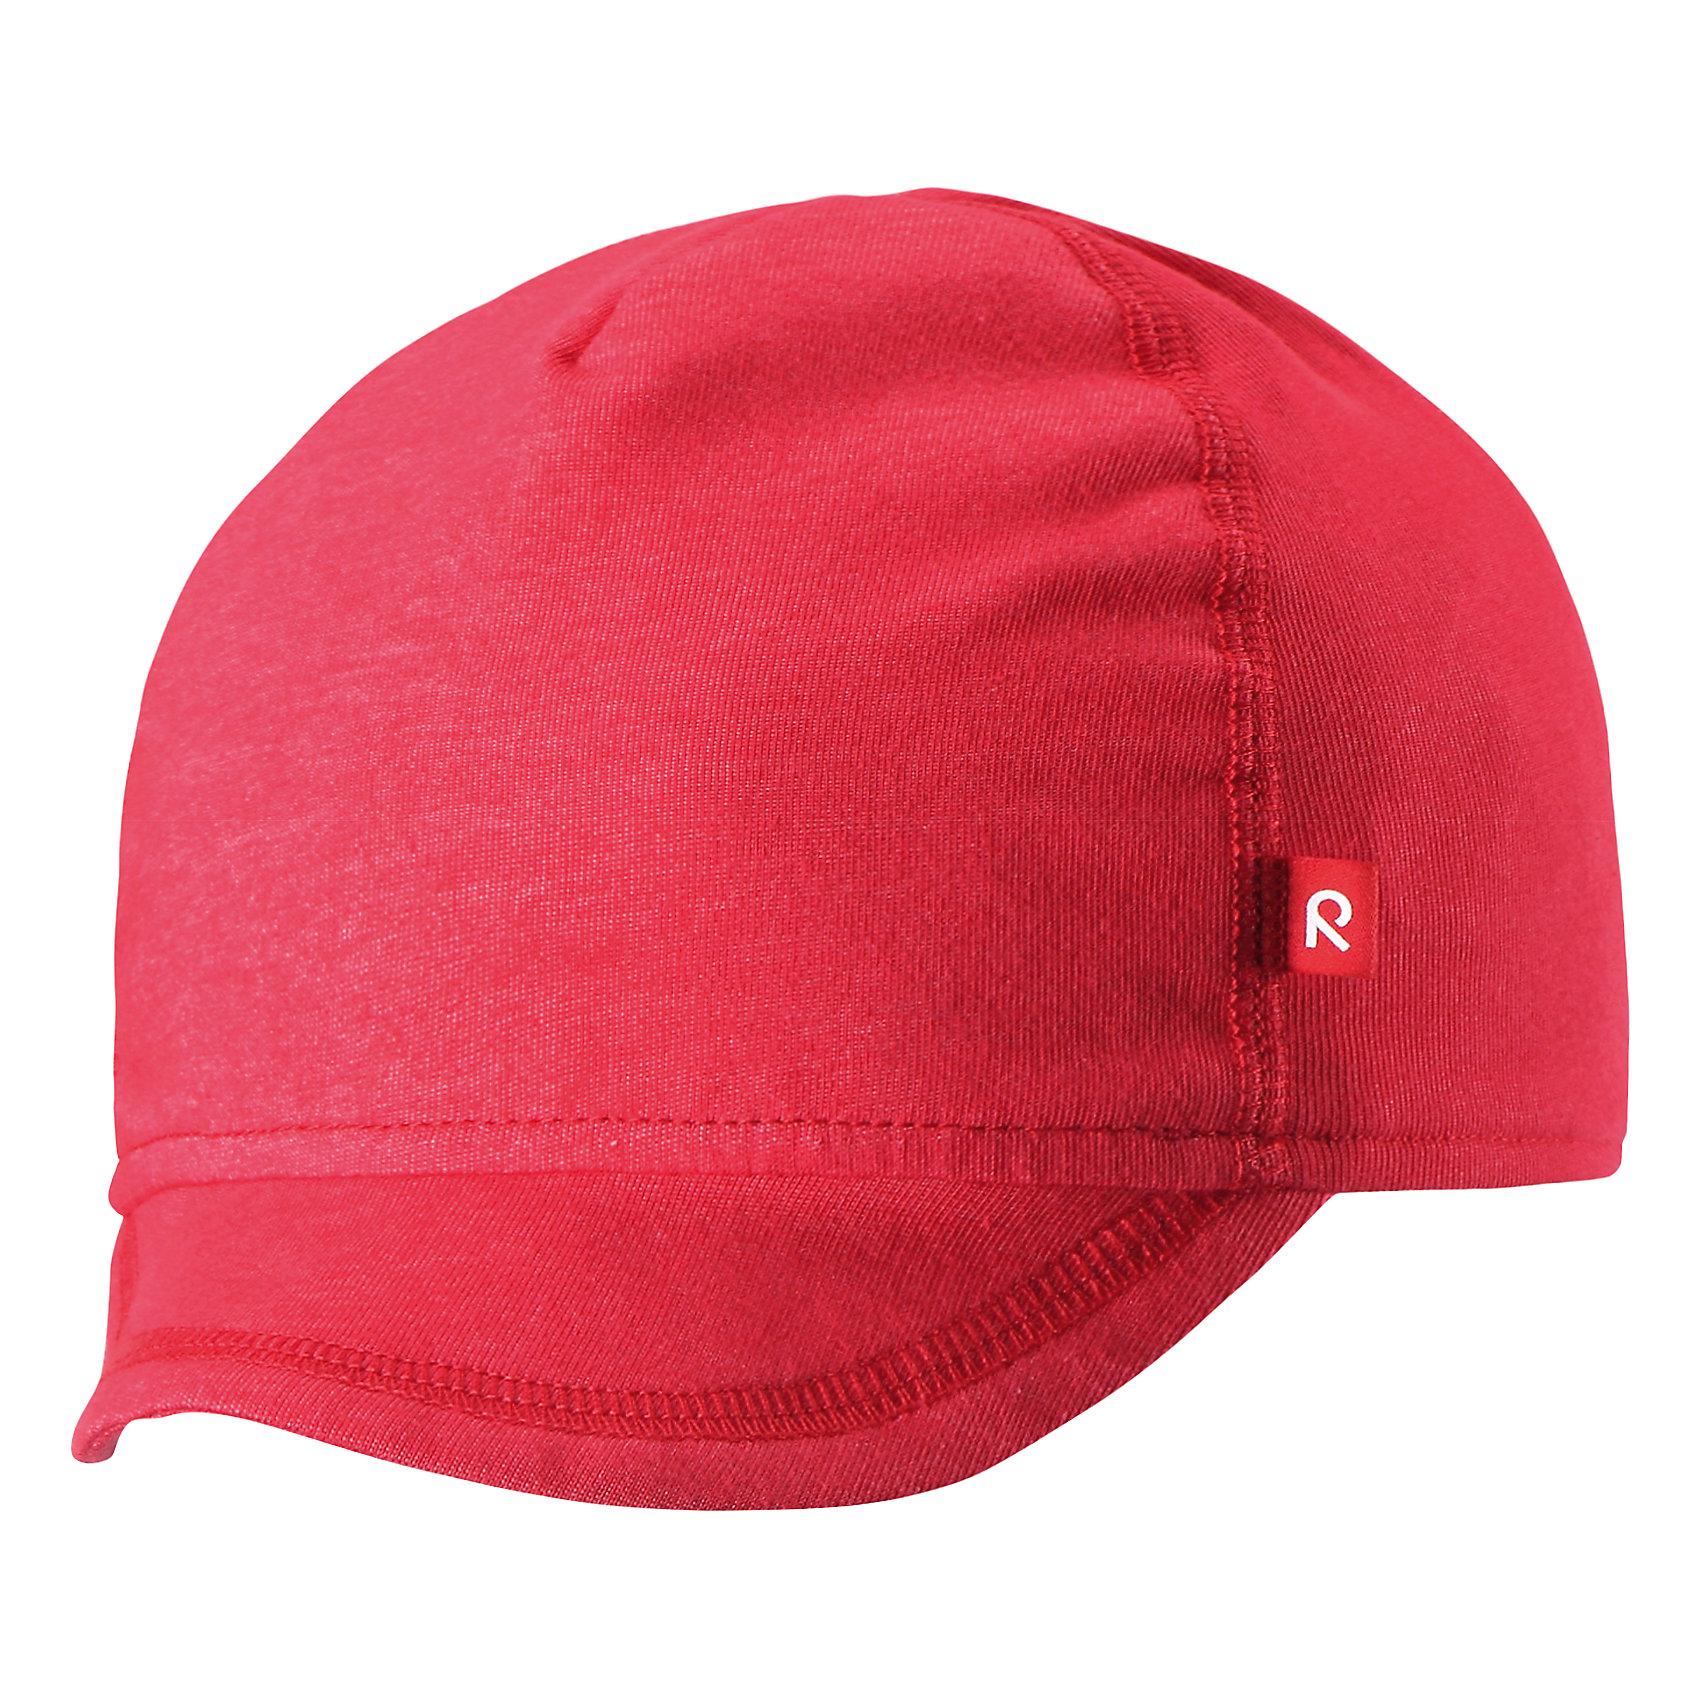 Кепка для девочки ReimaКепка для девочки от финского бренда Reima.<br>Трикотажная шапка «Бини» для малышей. Эластичный материал. Быстросохнущий материал Play Jersey, приятный на ощупь. Выводит влагу наружу и быстро сохнет. Мягкий хлопчатобумажный верх, внутренняя поверхность хорошо выводит влагу. Эластичный удобный материал. Фактор защиты от ультрафиолета 40+. Сплошная подкладка: отводящий влагу материал Play Jersey. Логотип Reima® спереди. Принт по всей поверхности.<br>Состав:<br>65% Хлопок, 30% полиэстер, 5% эластан<br><br><br>Уход:<br>Стирать с бельем одинакового цвета, вывернув наизнанку. Полоскать без специального средства. Придать первоначальную форму вo влажном виде.<br><br>Ширина мм: 89<br>Глубина мм: 117<br>Высота мм: 44<br>Вес г: 155<br>Цвет: красный<br>Возраст от месяцев: 18<br>Возраст до месяцев: 36<br>Пол: Женский<br>Возраст: Детский<br>Размер: 50,46<br>SKU: 5271012